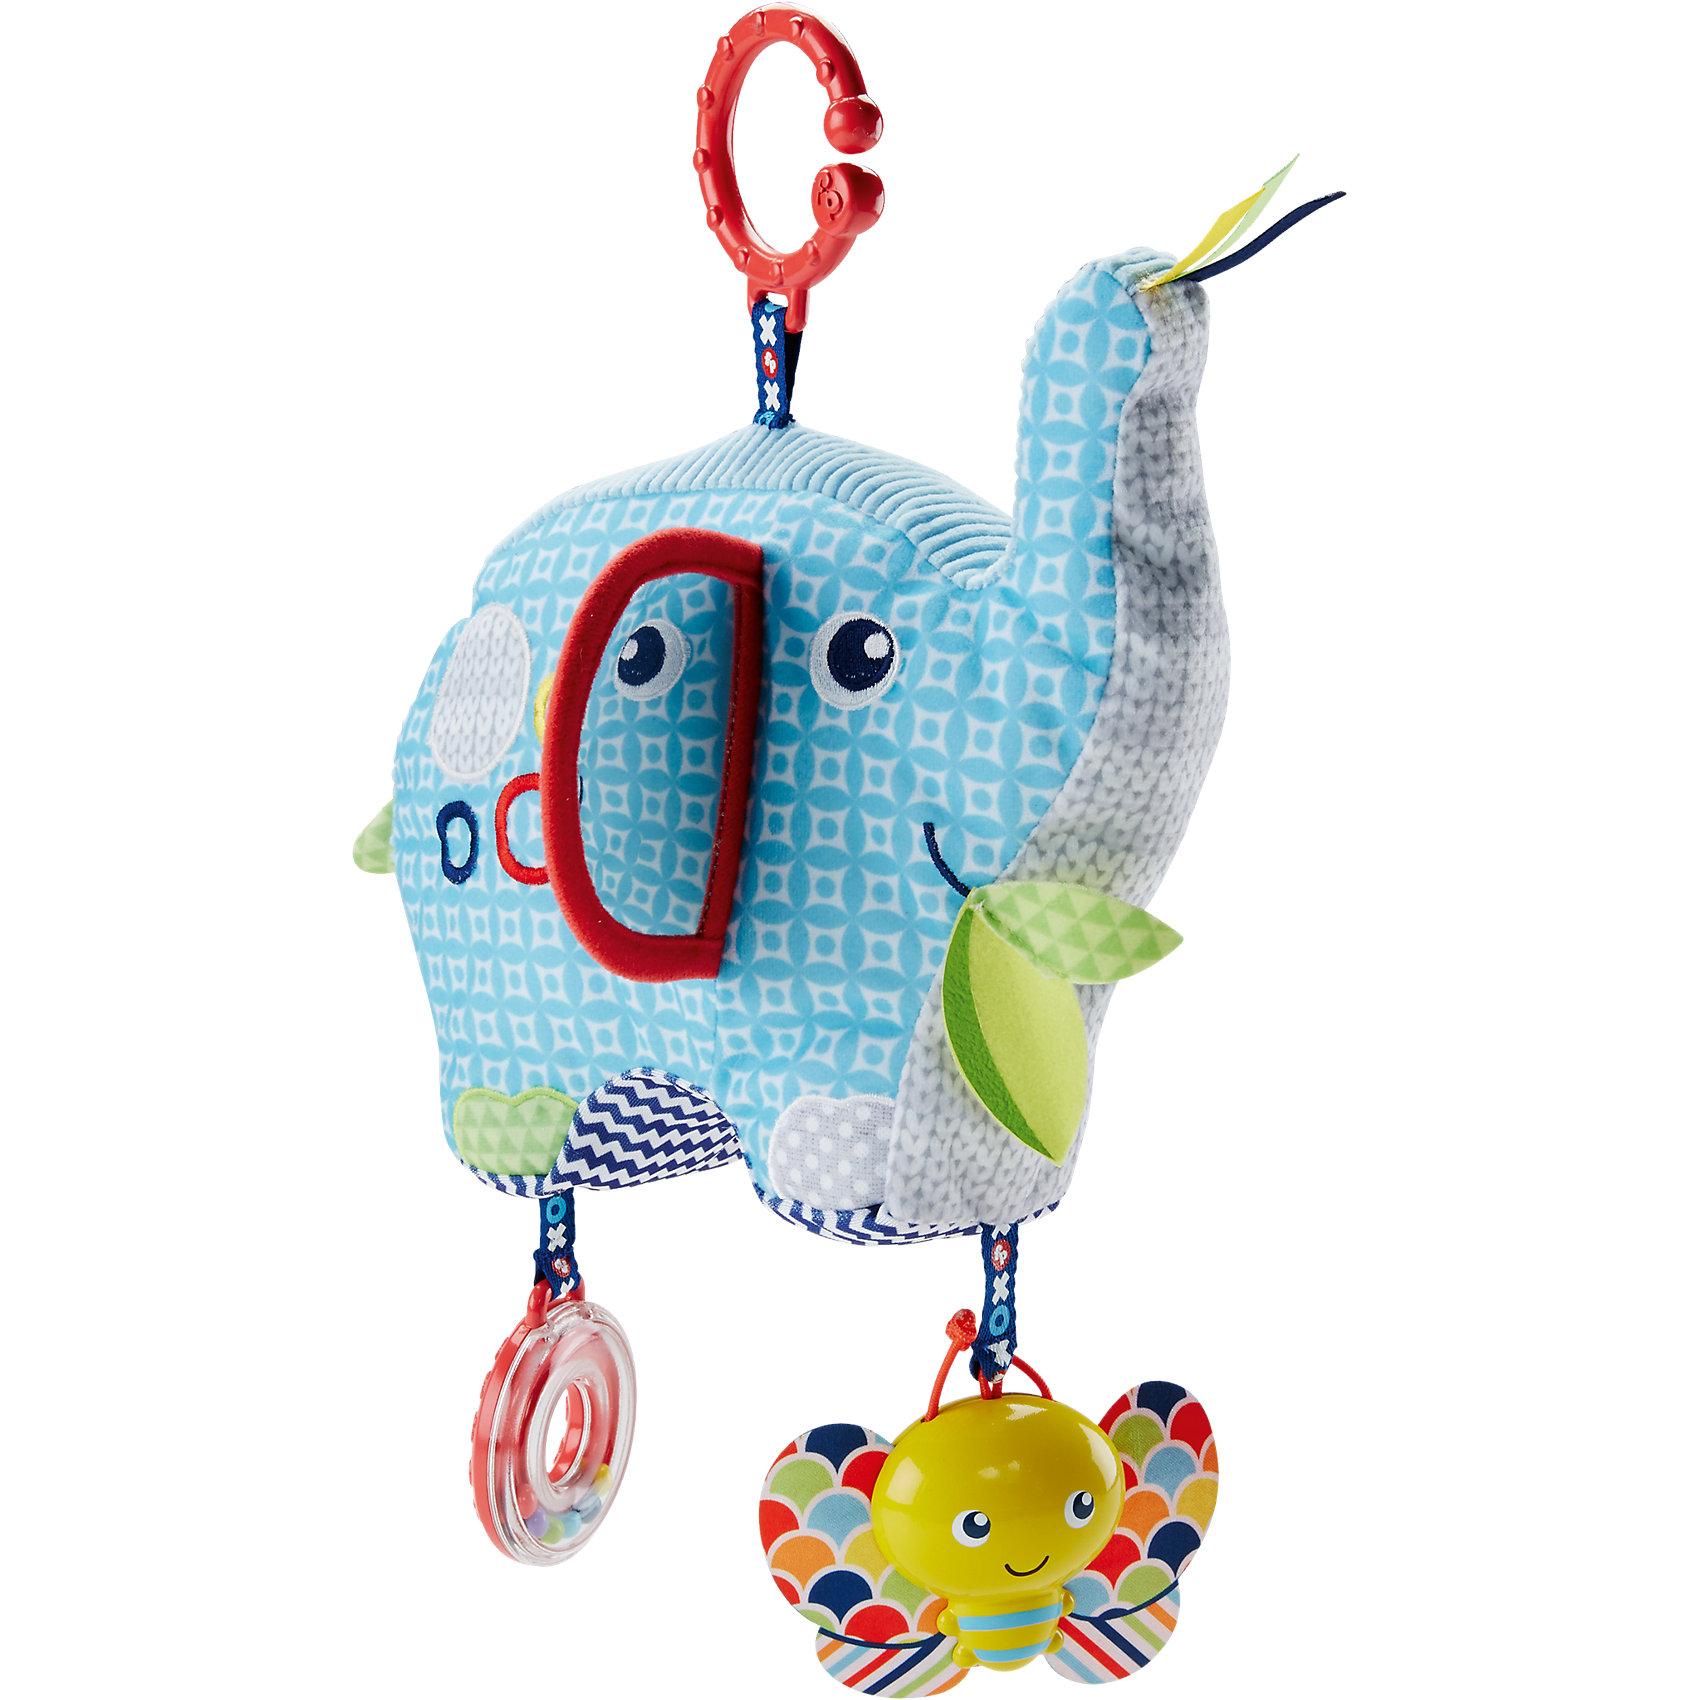 Плюшевая игрушка «Слоненок», Fisher PriceРазвивающие игрушки<br>Плюшевая игрушка «Слоненок», Fisher Price (Фишер Прайс)<br><br>Характеристики:<br><br>• несколько видов тканей<br>• слоник издает забавные звуки<br>• есть погремушка и зеркальце<br>• помогает развить тактильное и звуковое восприятие<br>• материал: пластик, текстиль<br>• высота слоника: 16 см<br>• размер упаковки: 27х20х10 см<br>• вес: 210 грамм<br><br>Забавный слоник станет лучшим другом любознательного карапуза. Слоник изготовлен из тканей, имеющих разную текстуру. Сочетание плюшевых, вельветовых, вязаных и шуршащих материалов поможет малышу в развитии тактильного восприятия. Потрясите слоника - и он будет издавать очень забавные звуки, вызывающие восторг у крохи. За ушком игрушки находится безопасное зеркальце, которое удивит и обрадует малыша. К ножкам слоника прикреплена бабочка и кольцо-погремушка. Они помогут развить координацию движений и звуковое восприятие. Подарите крохе счастливые моменты с милым слоненком!<br><br>Плюшевая игрушка «Слоненок», Fisher Price (Фишер Прайс) можно купить в нашем интернет-магазине.<br><br>Ширина мм: 279<br>Глубина мм: 243<br>Высота мм: 101<br>Вес г: 184<br>Возраст от месяцев: 0<br>Возраст до месяцев: 12<br>Пол: Унисекс<br>Возраст: Детский<br>SKU: 5073995